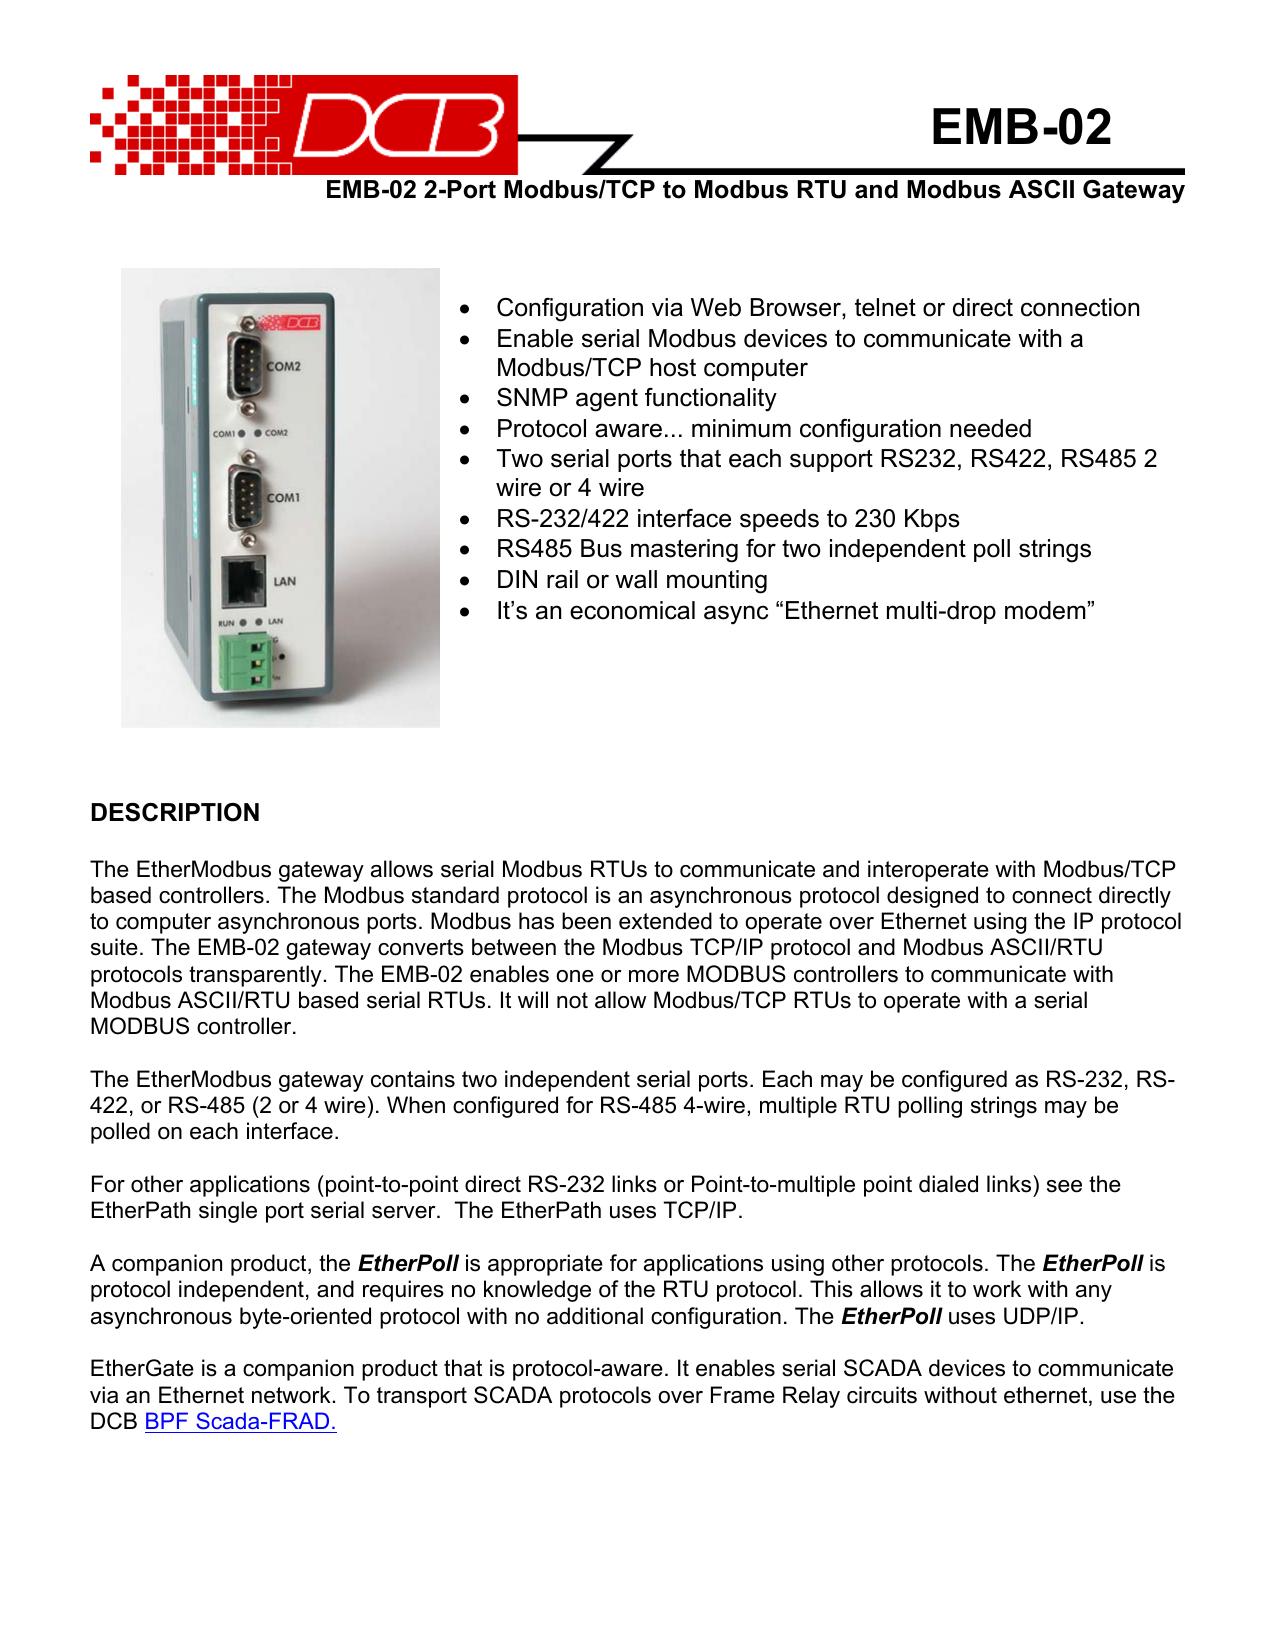 EMB-02 Modbus Gateway - Data Comm for Business Inc  | manualzz com